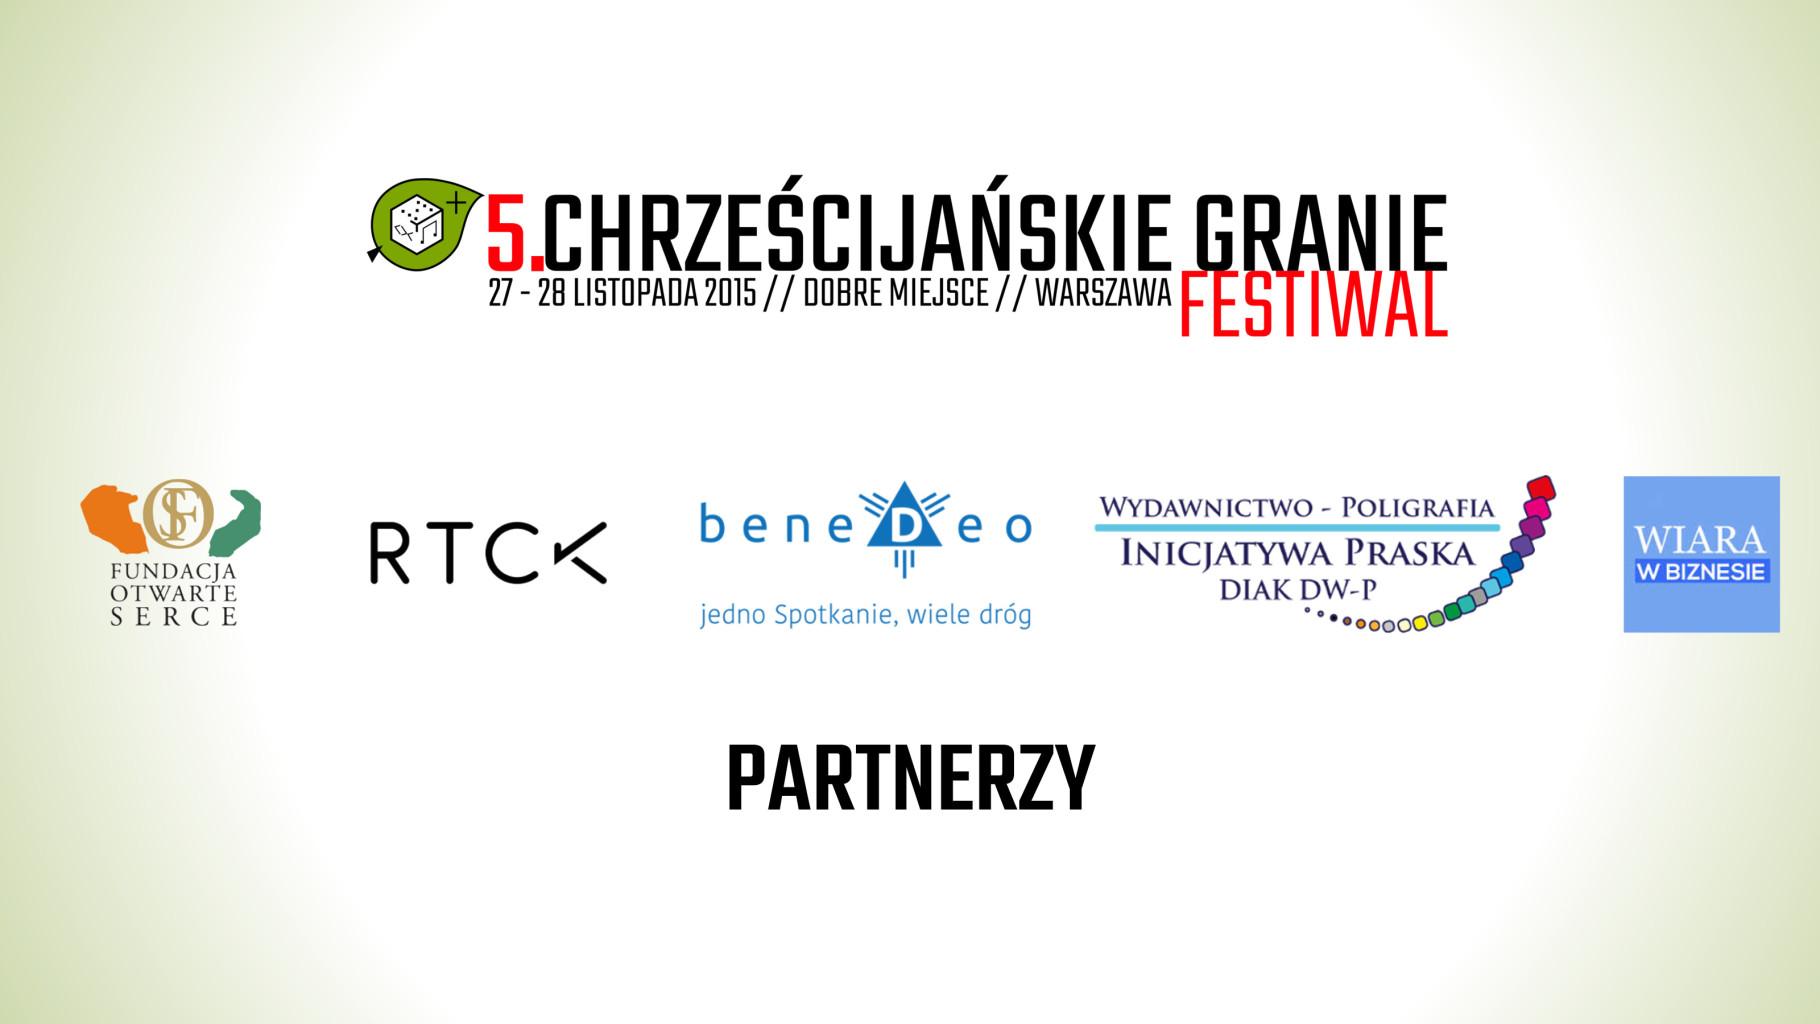 partnerzy festiwalu chrzescijanskie granie